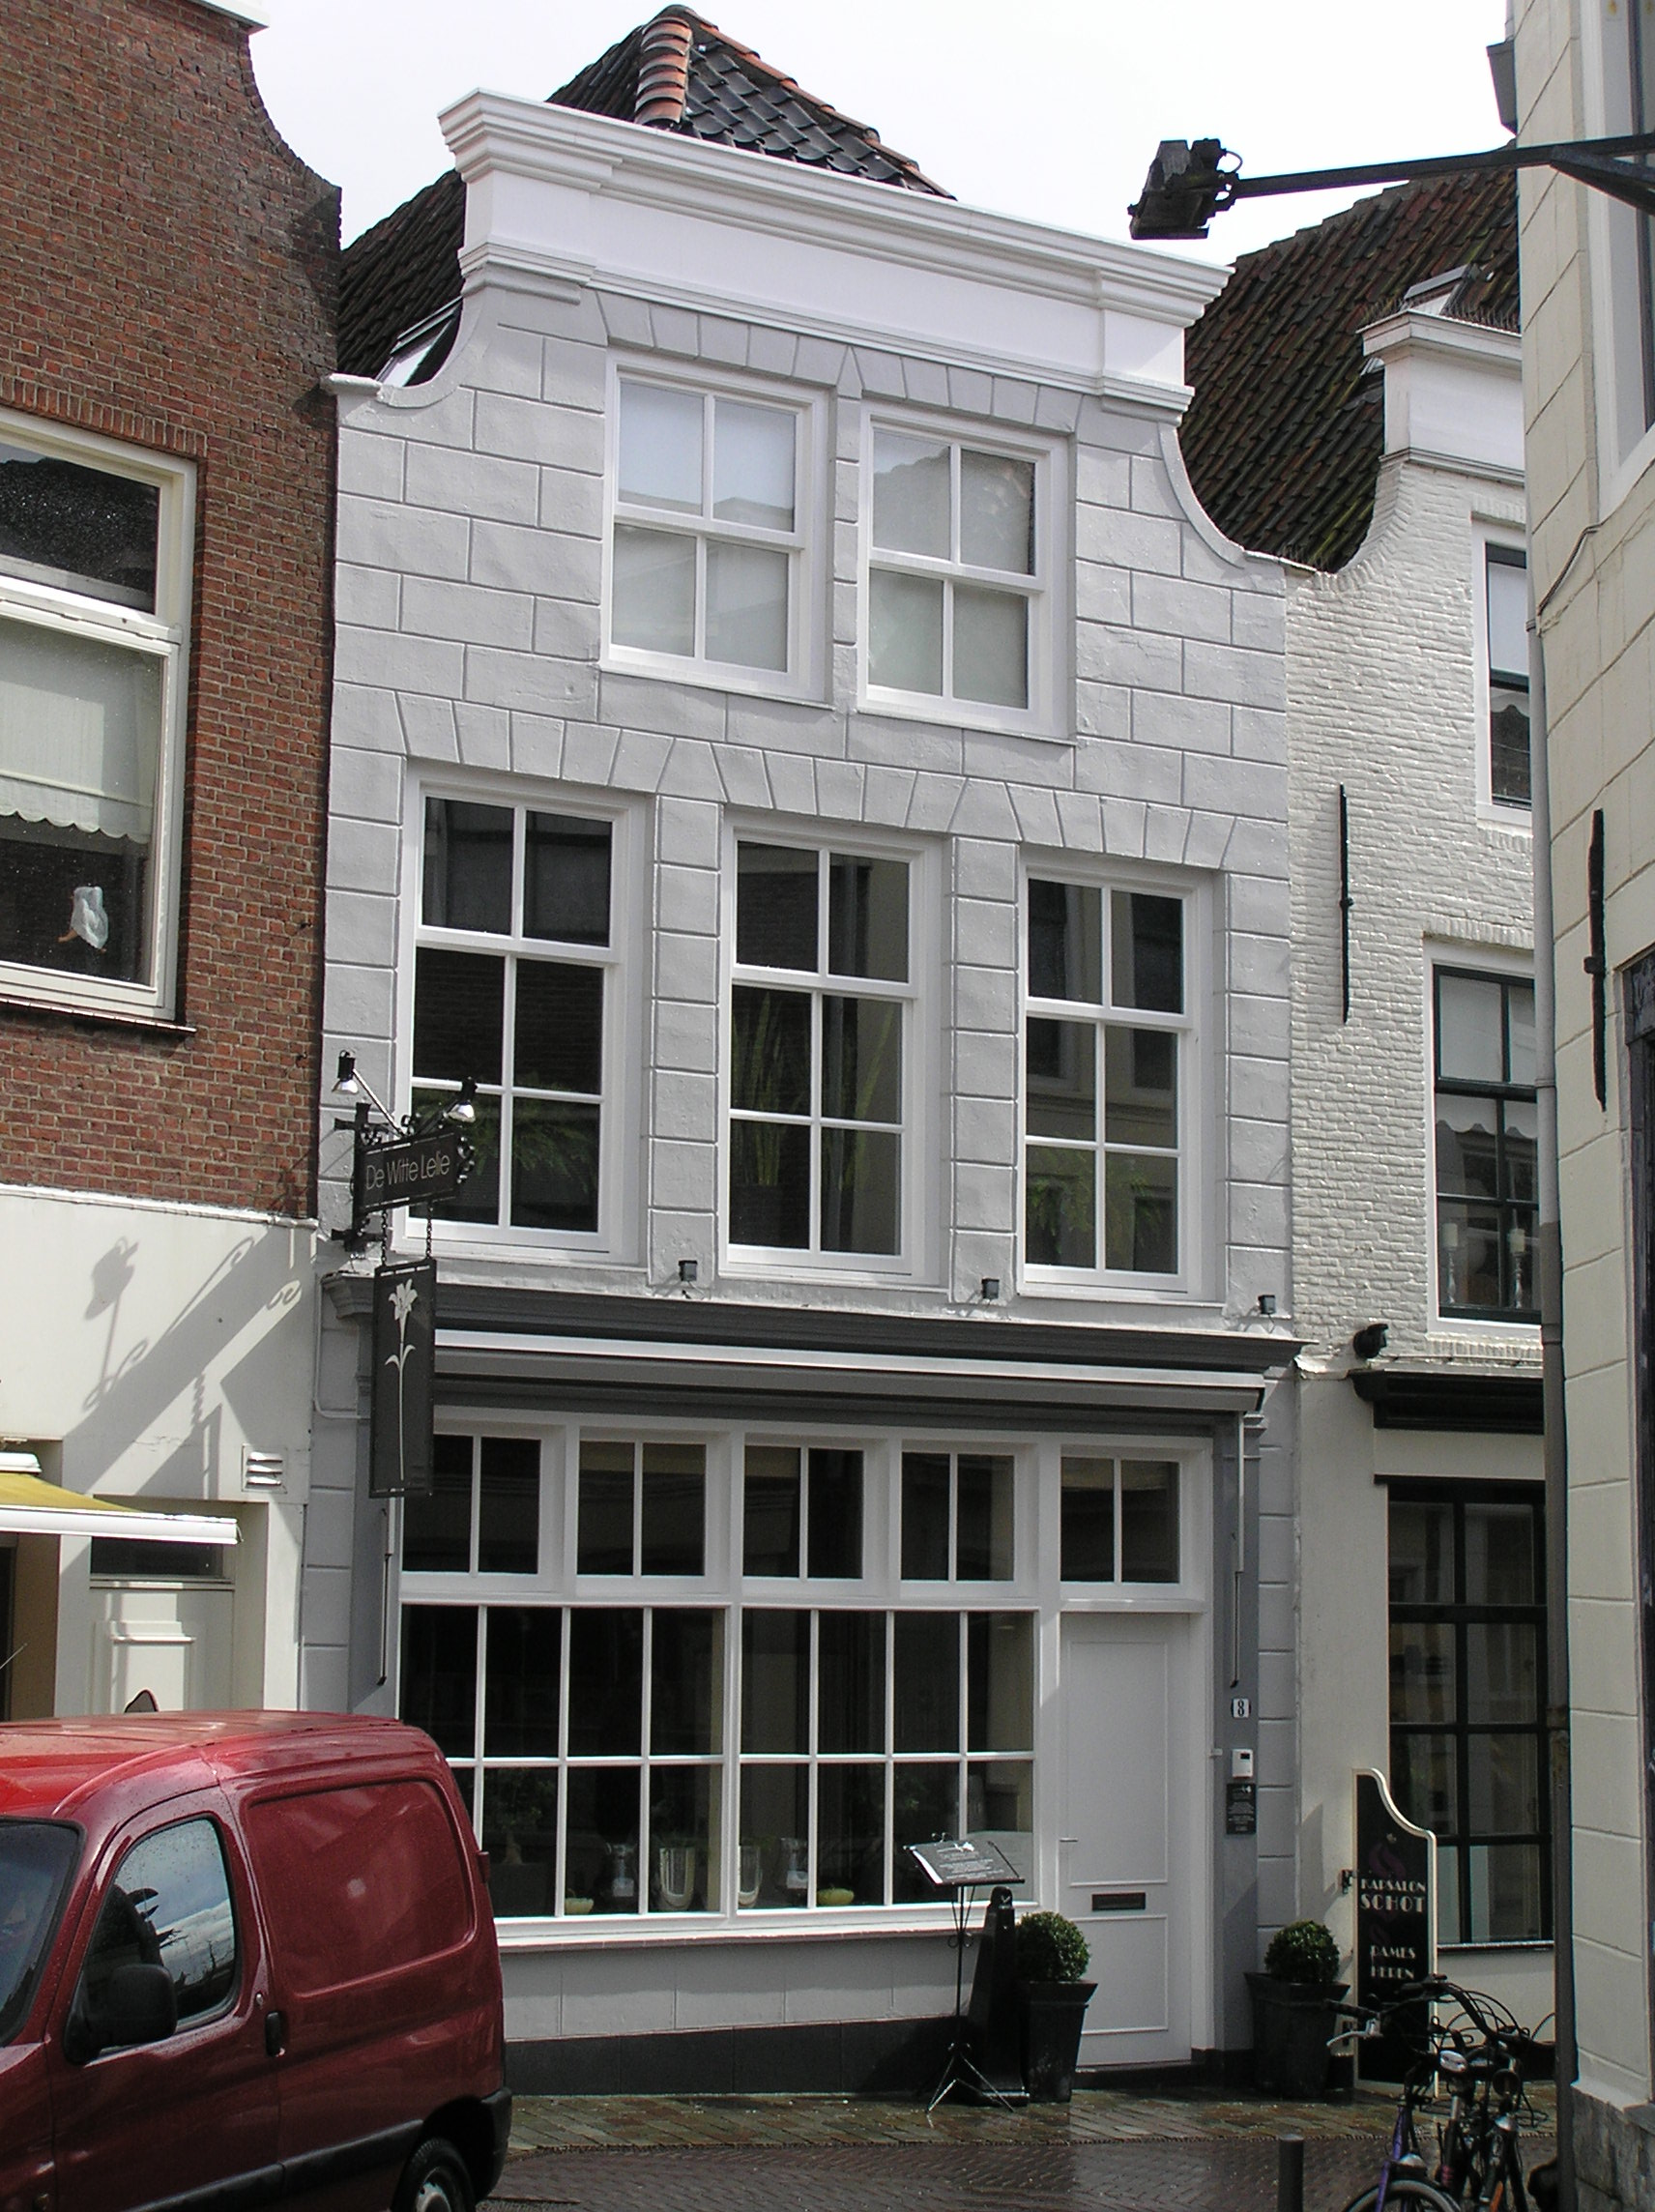 Huis met gepleisterde ingezwenkte lijstgevel in lijst for Lijst inrichting huis